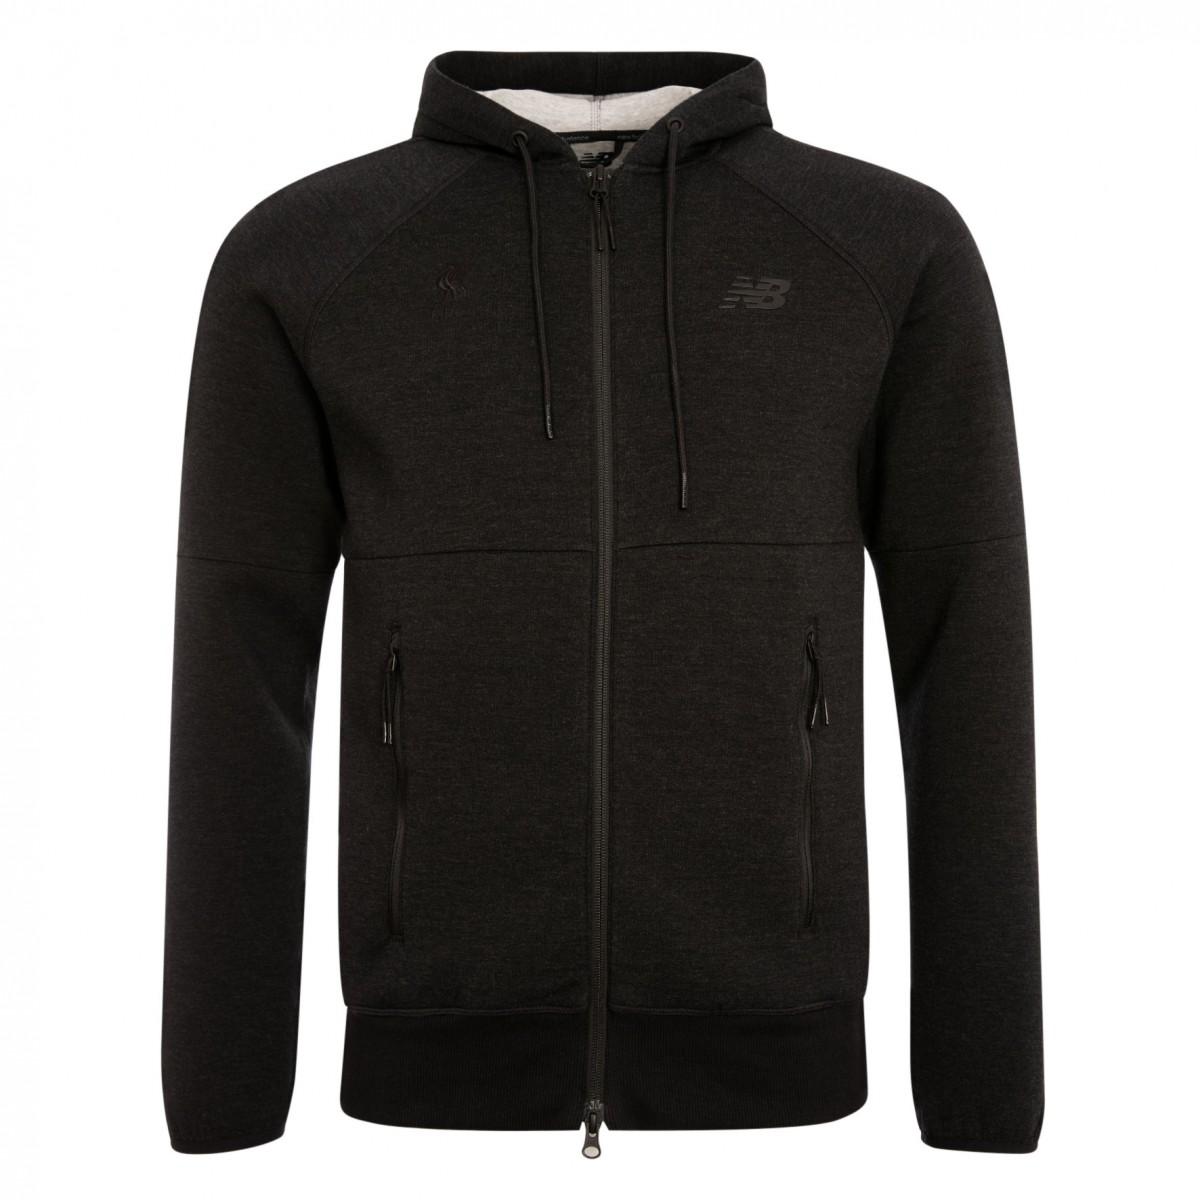 เสื้อฮู้ดนิวบาลานซ์ลิเวอร์พูลของแท้ New Balance Mens Black Sport Style Full Zip